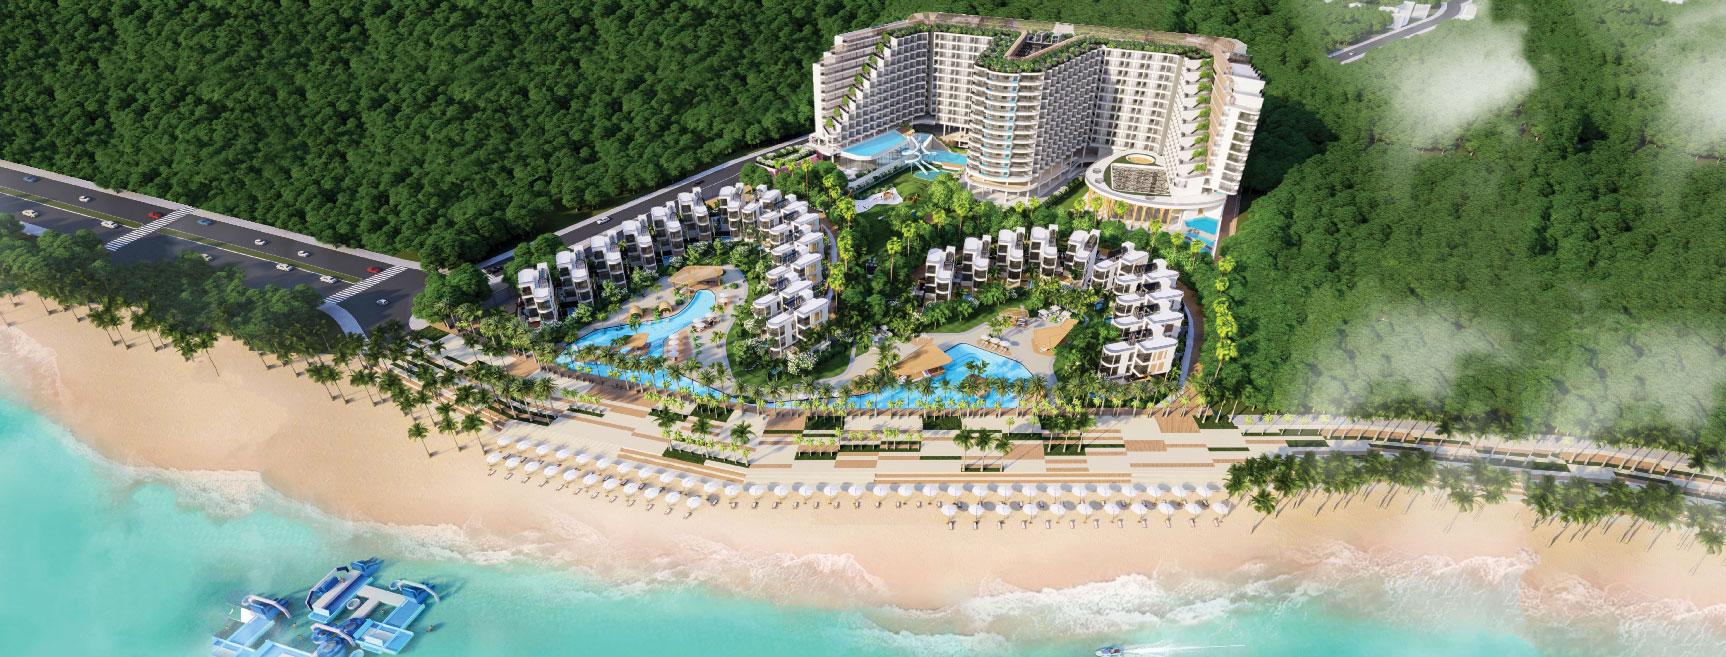 """Charm Resort Long Hải: """"Đầu tư An Tâm – Lợi nhuận Xứng Tầm"""""""